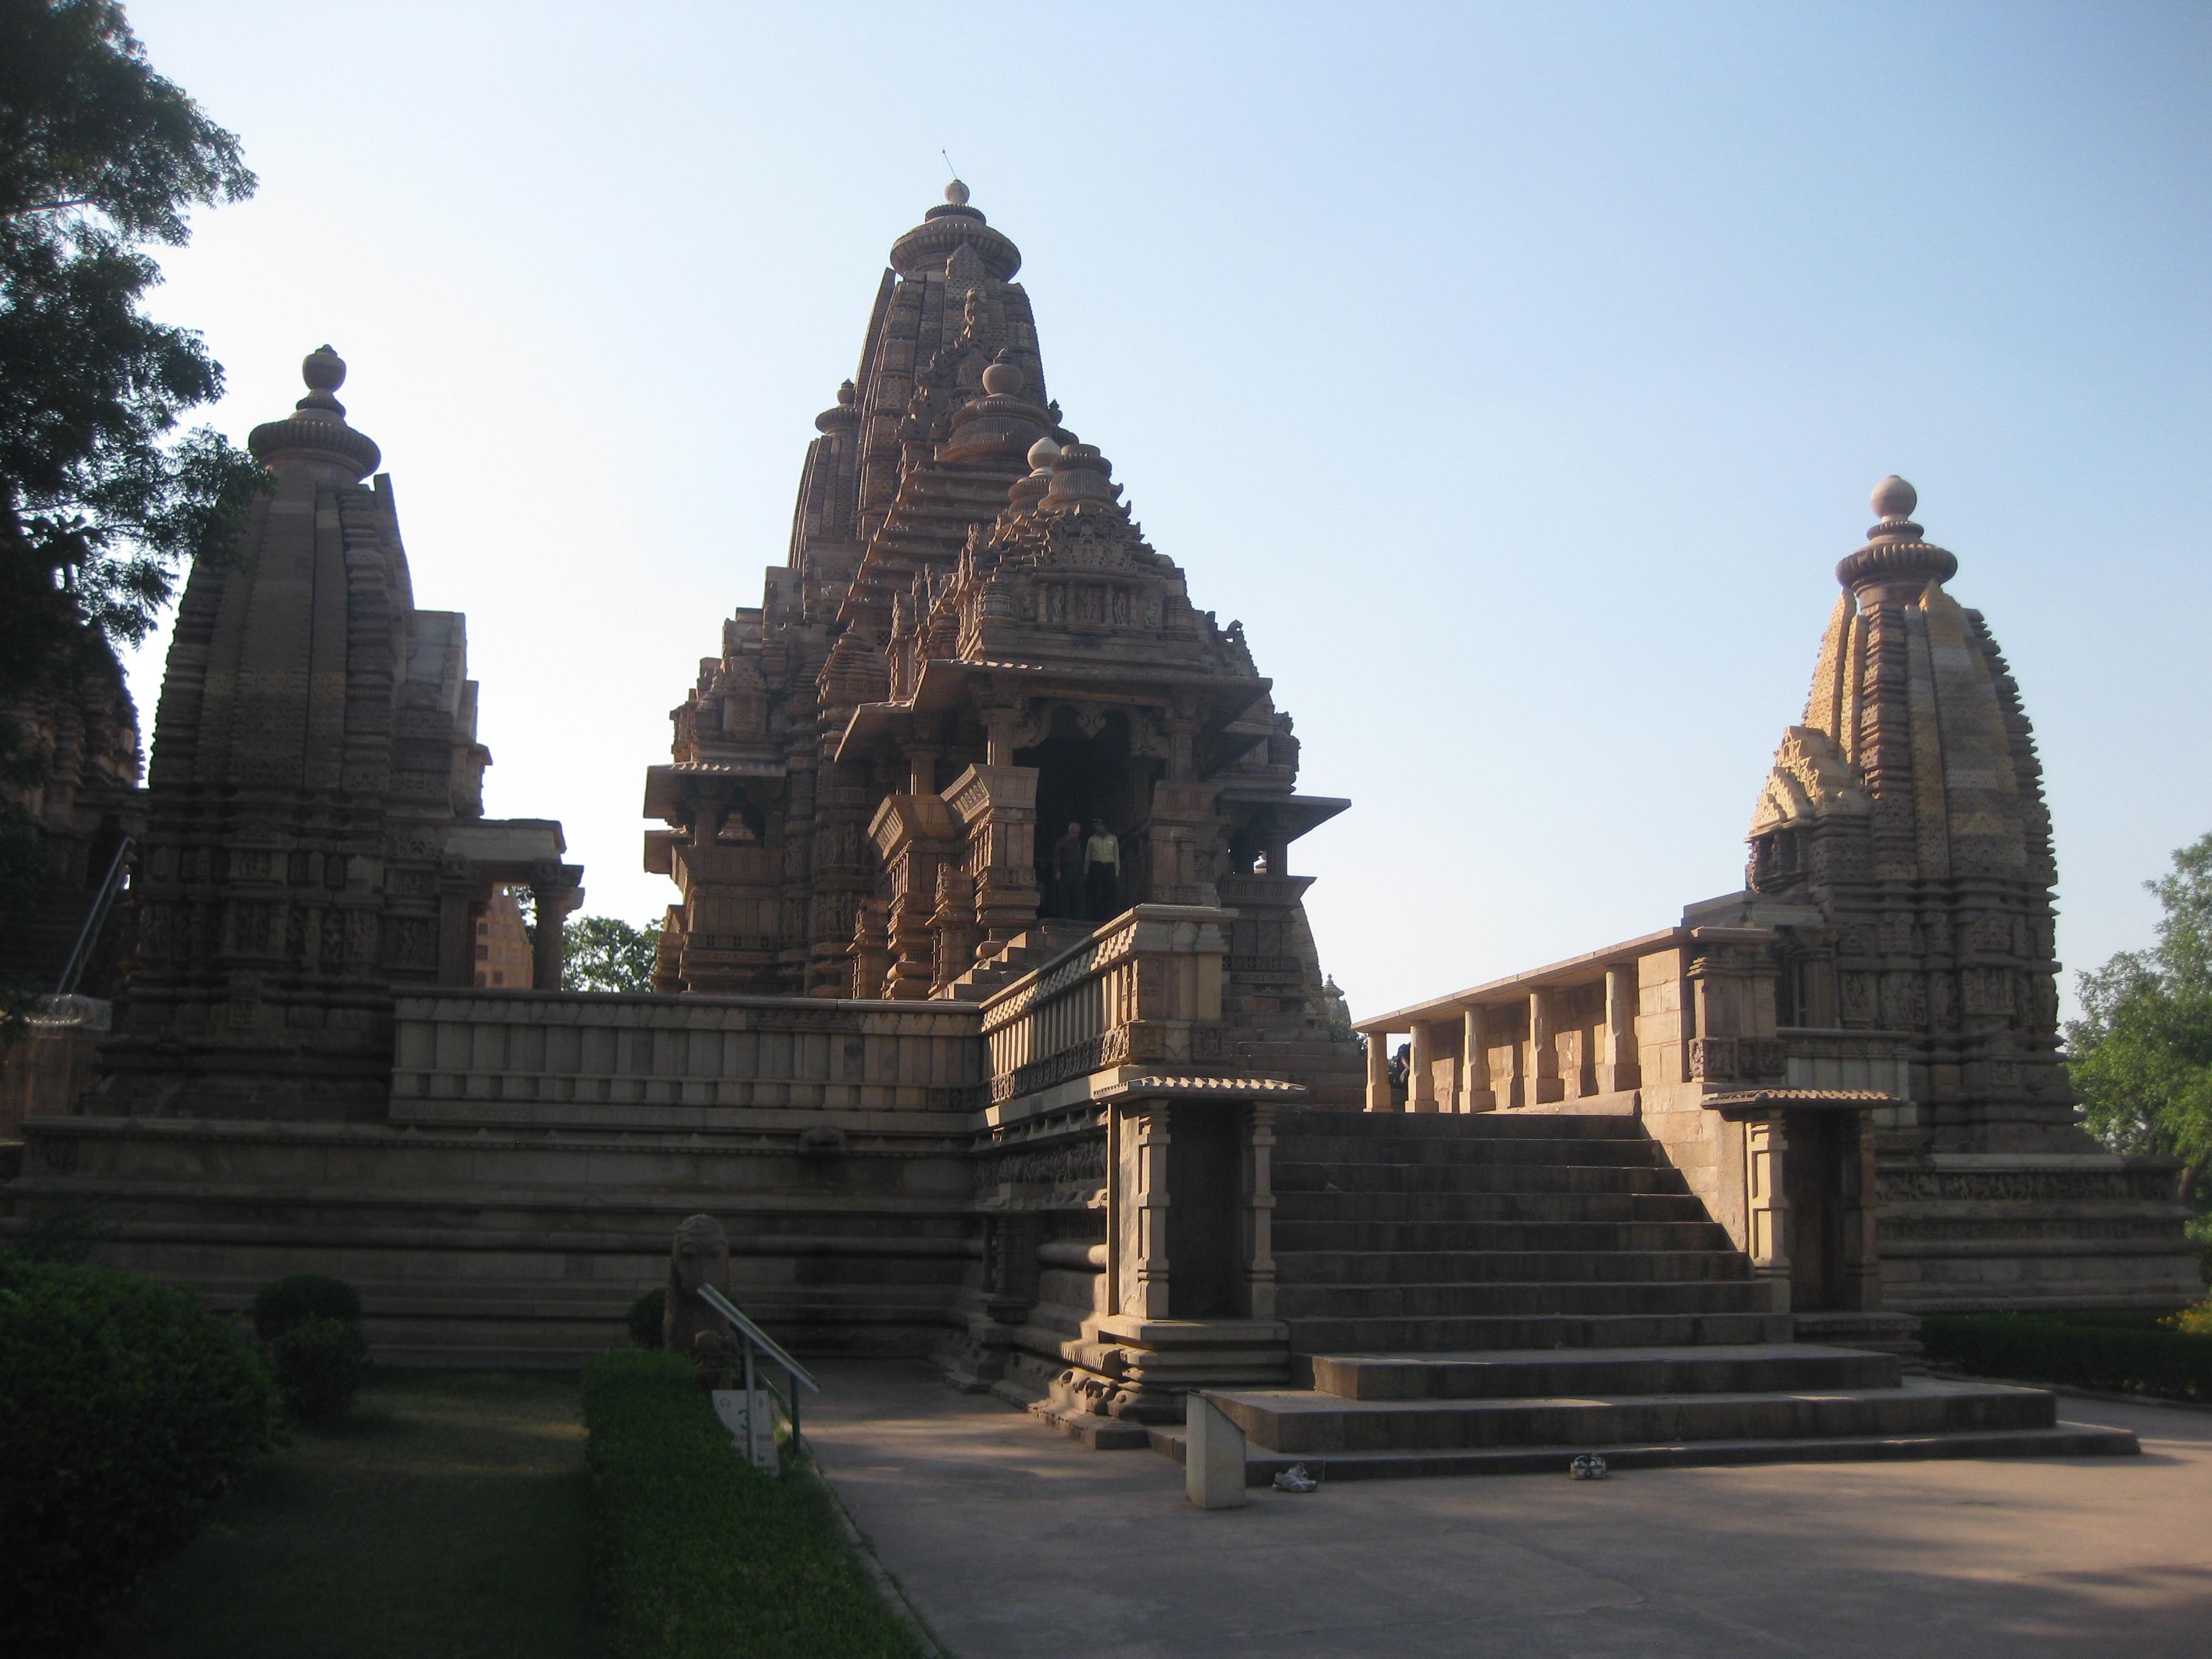 Храмы Каджурахо с 1000-летней историей, Индия.